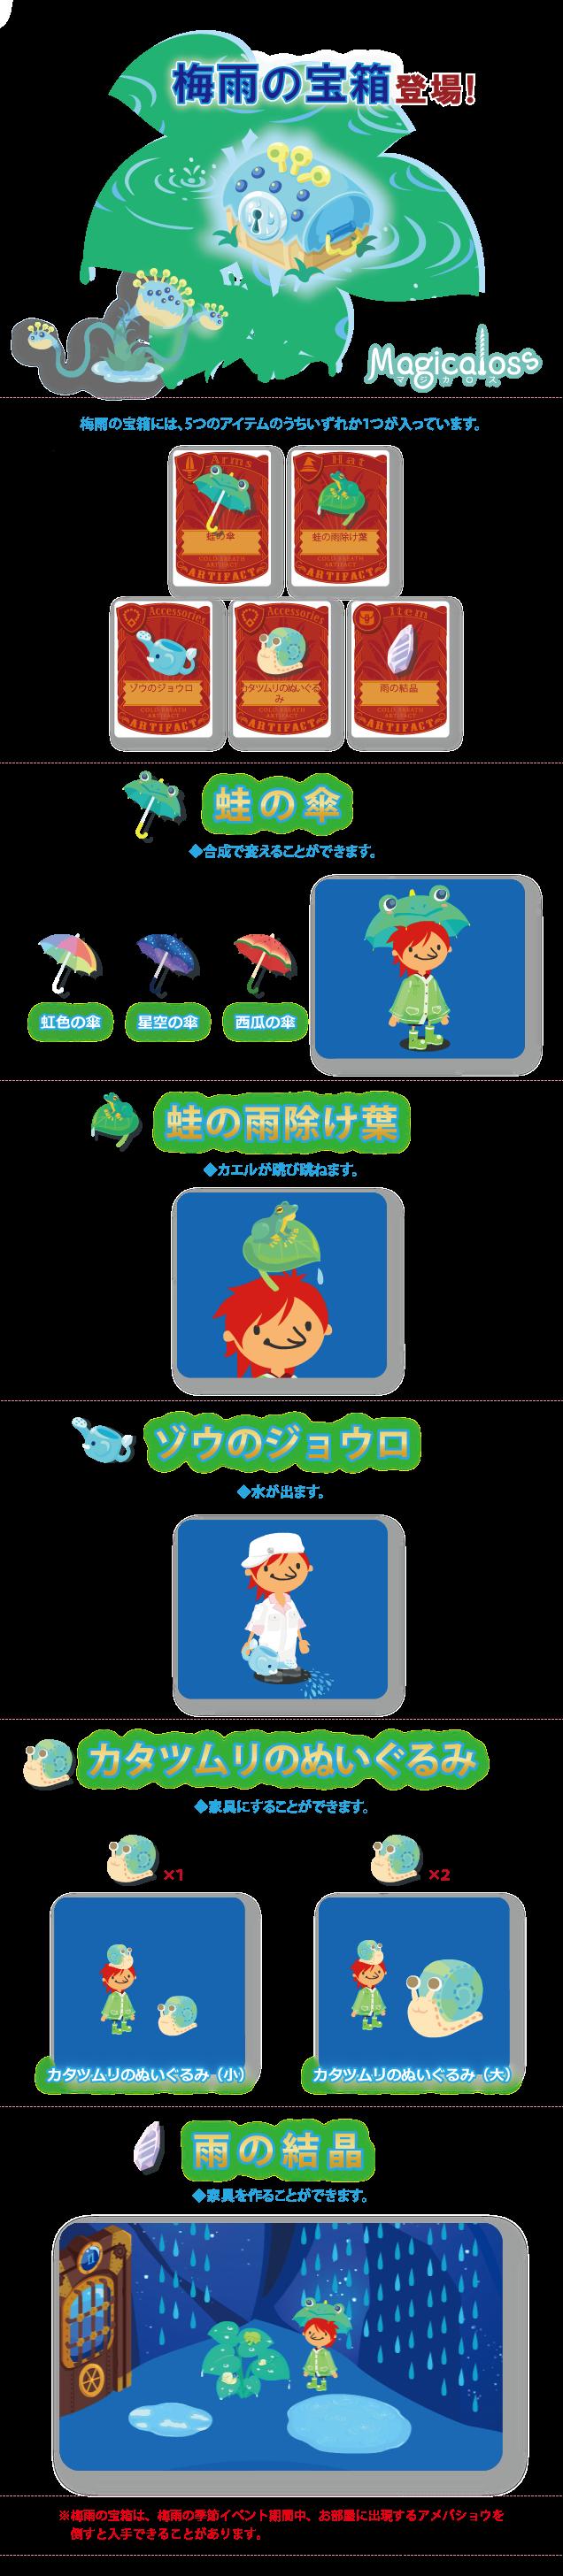 梅雨の宝箱登場!